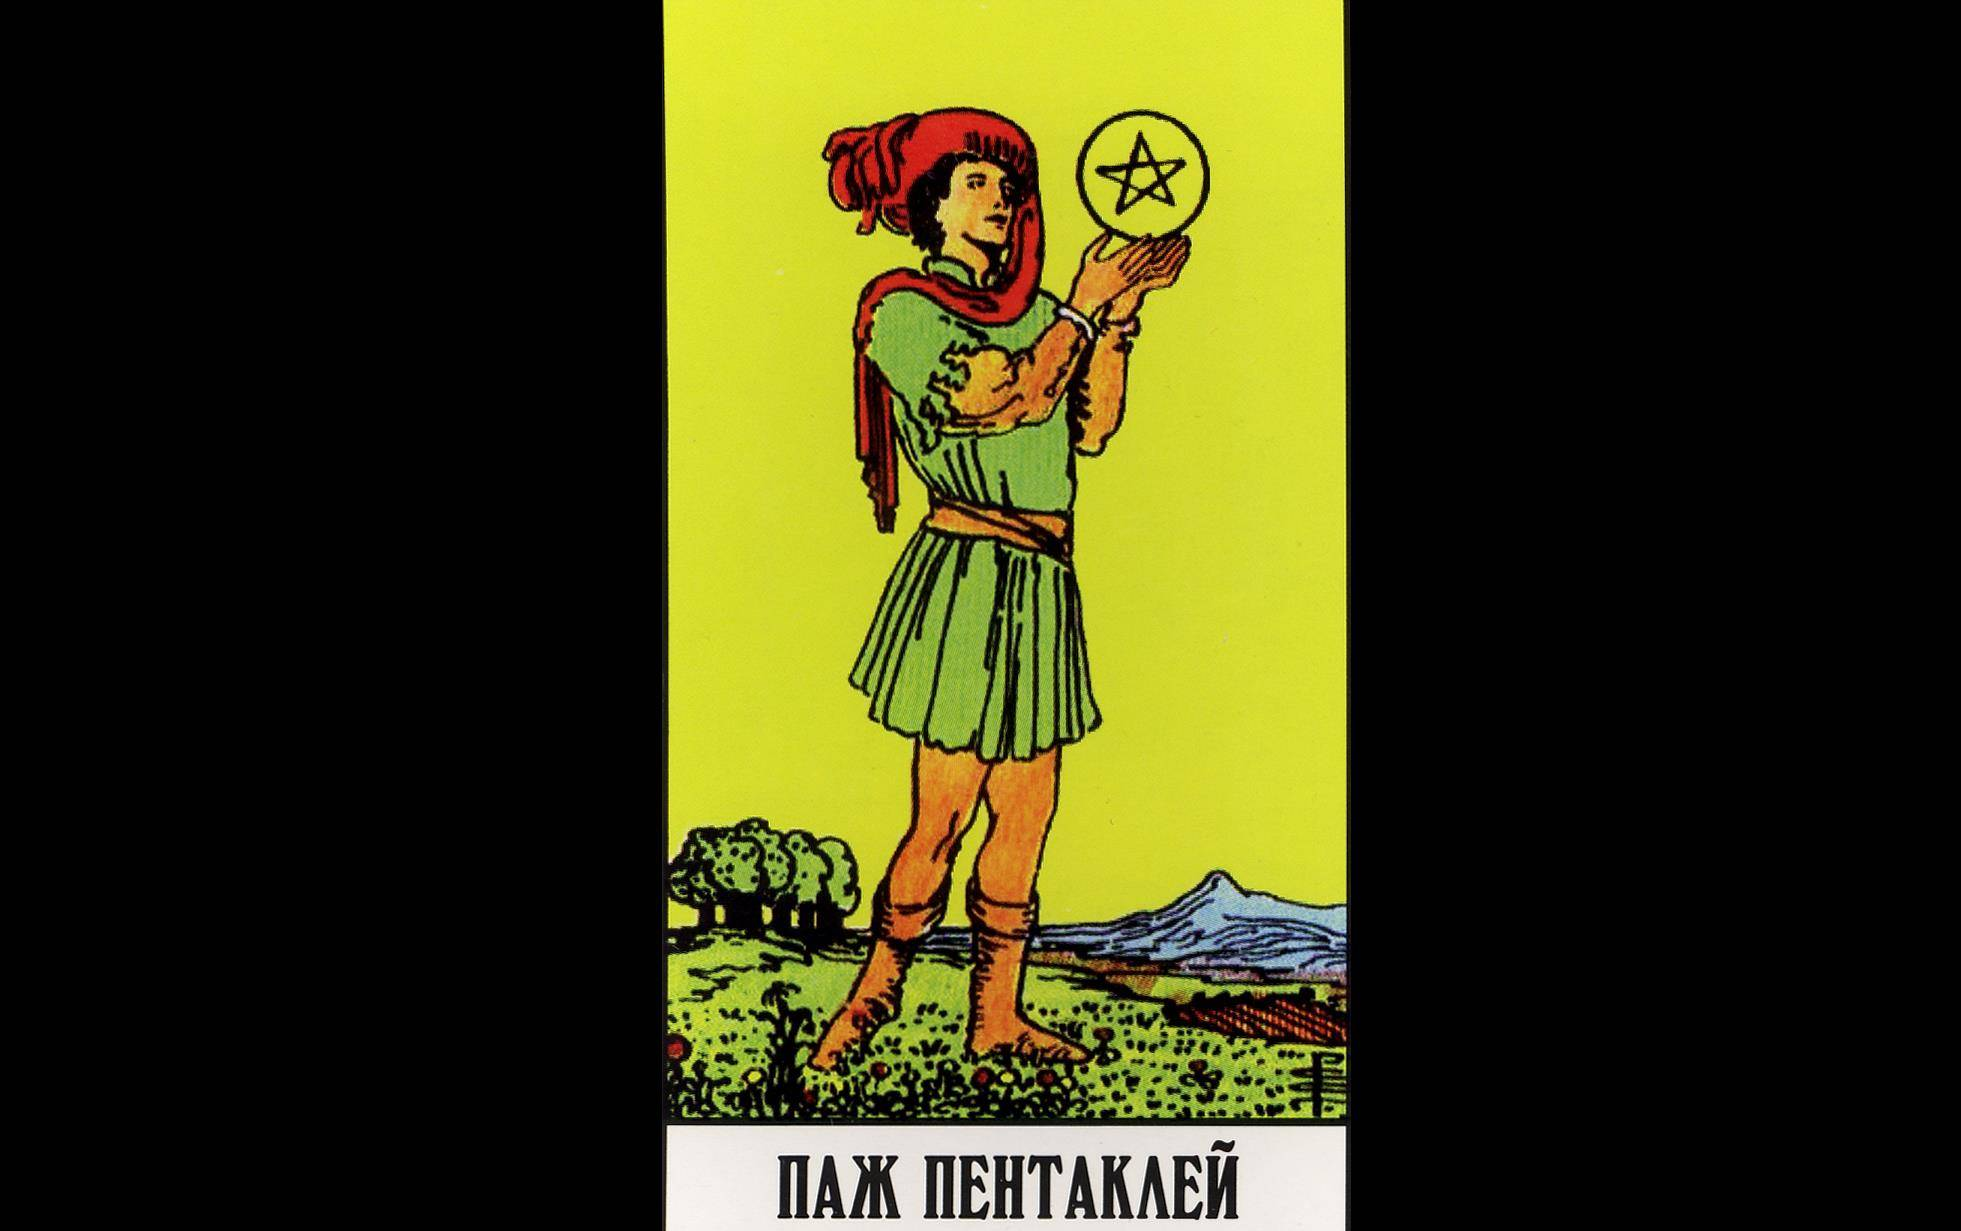 Паж пентаклей (монет): значение карты таро в отношениях и в жизни